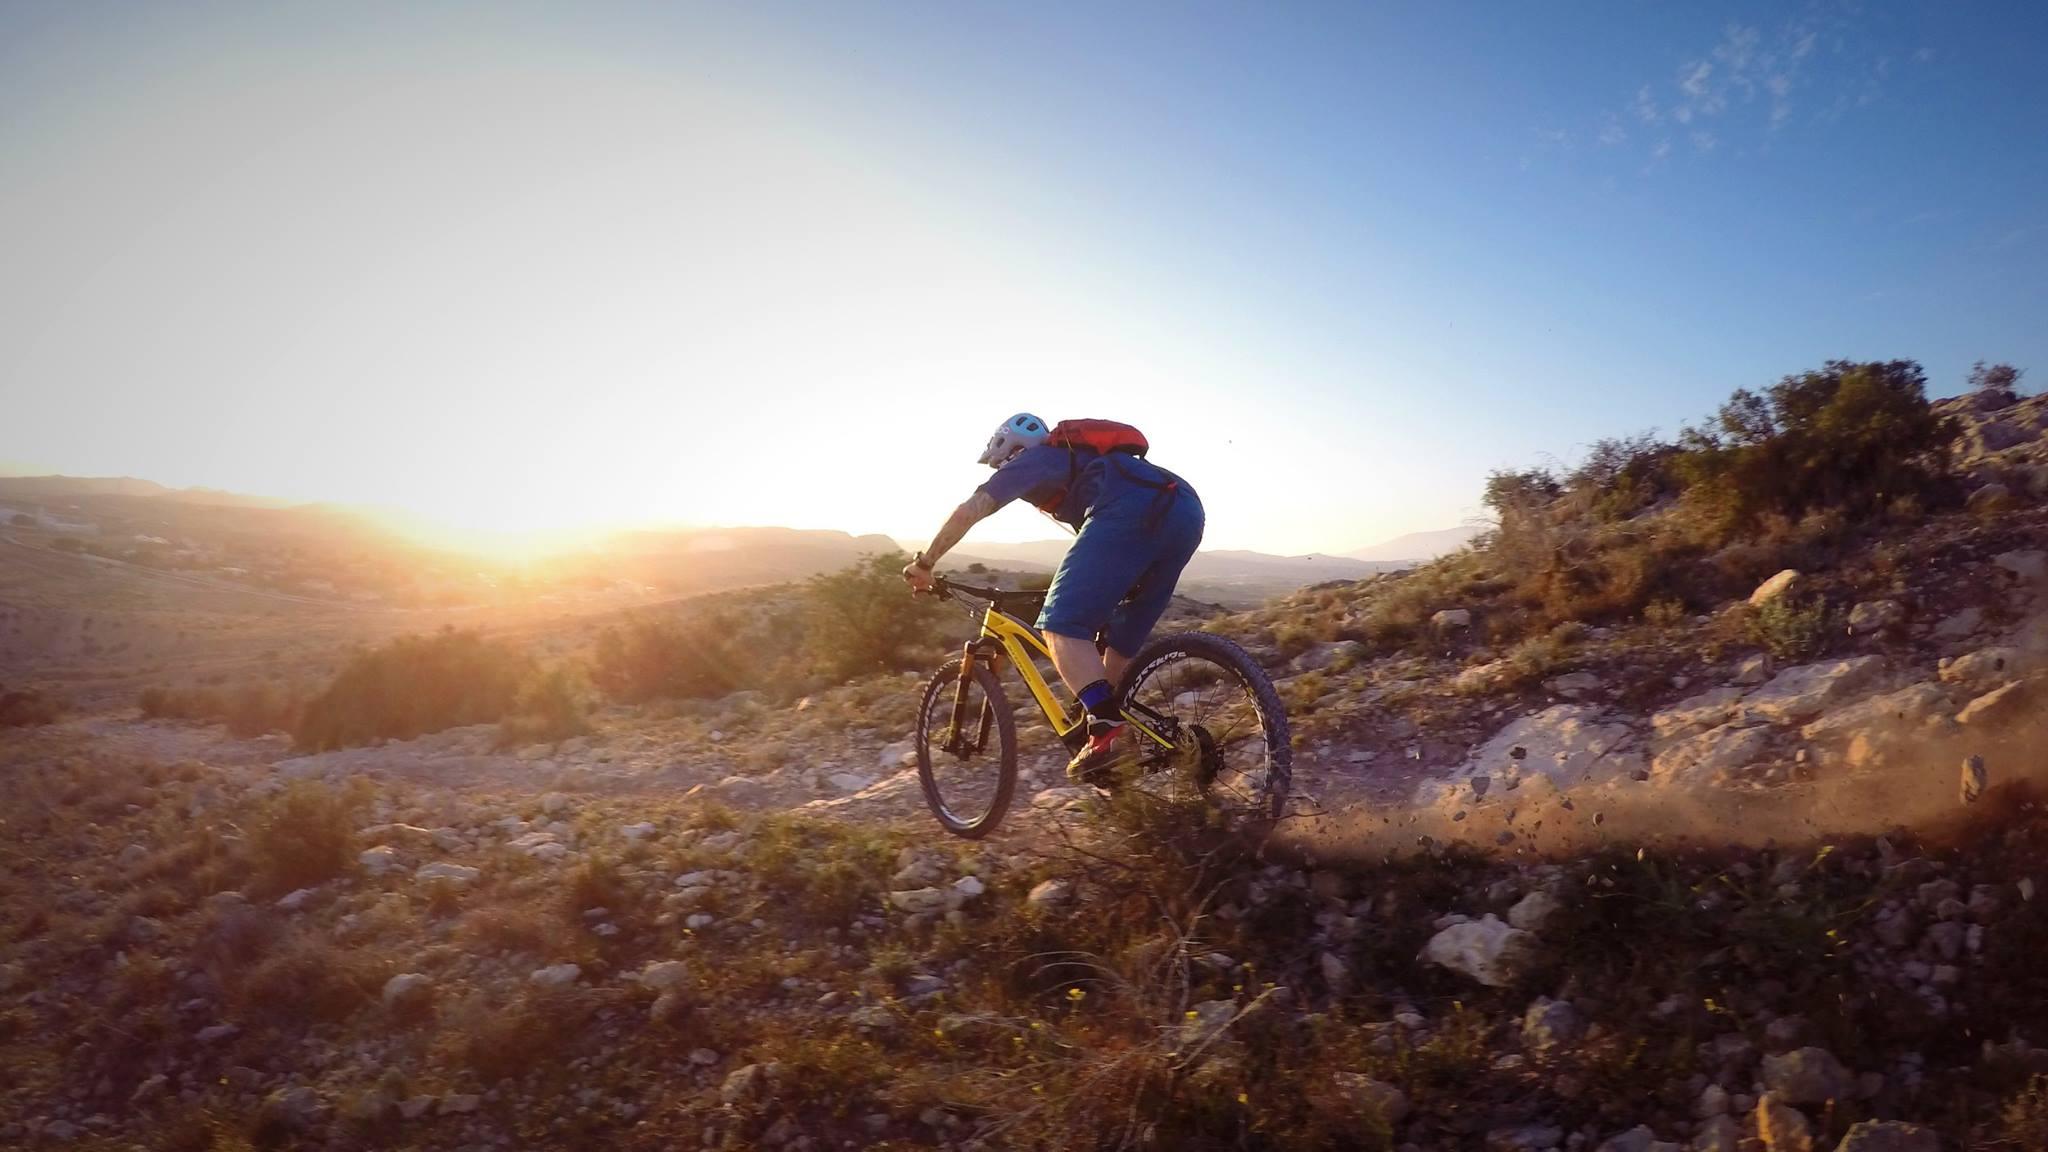 A hegyi kerékpár nagy előnye a függőlegesebb ülő pozíció. A karok a testhelyzet szerves részét képezik, a felsőtest izmai pedig nagyobb igénybevételt kapnak. Mivel függőlegesebben ülünk, a nyakcsigolya nem feszül annyira.